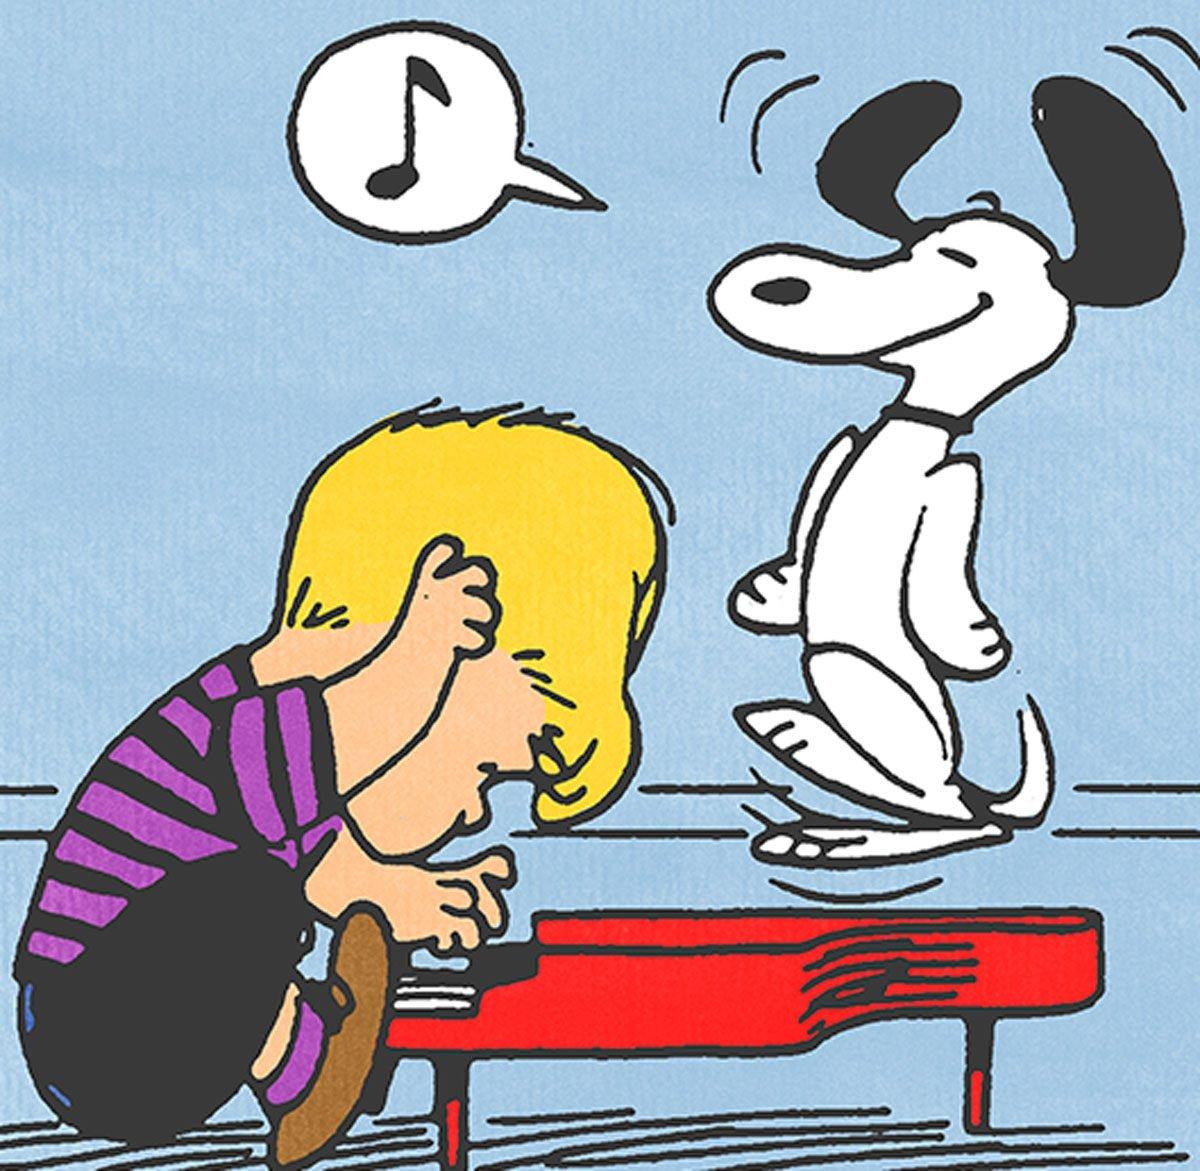 Schroeder from Peanuts cartoon